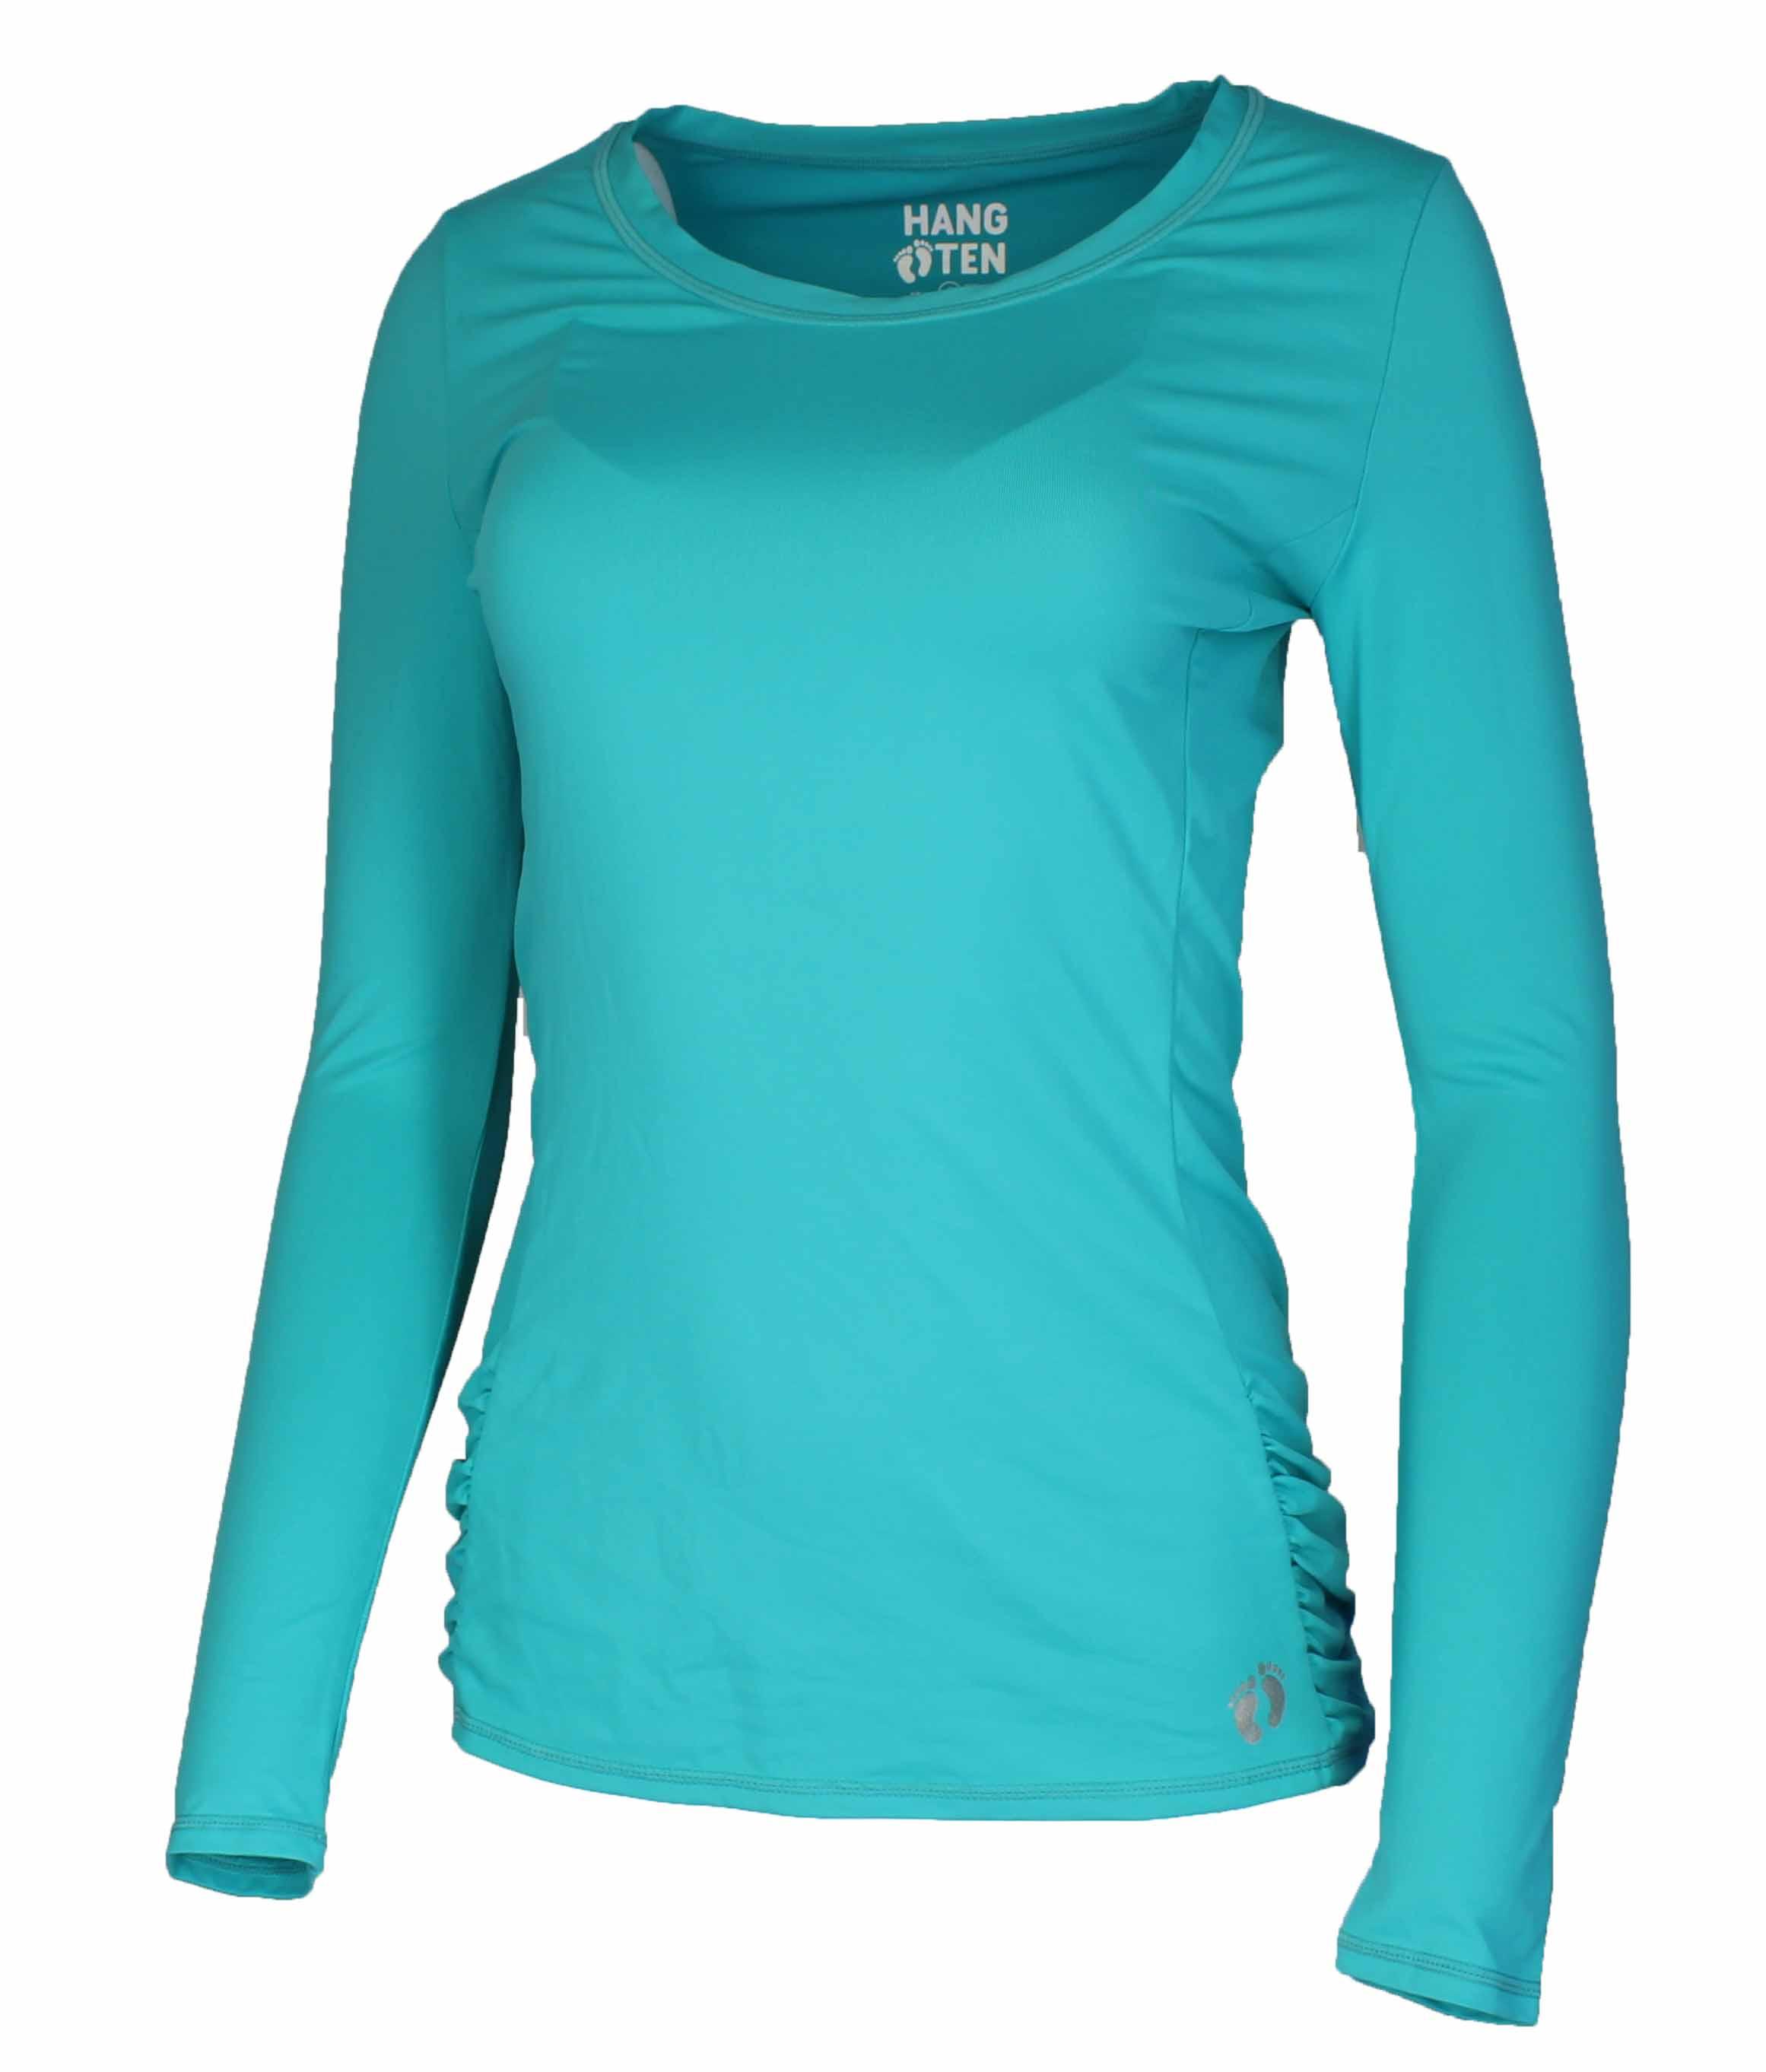 Hang ten womens drift long sleeve rash guard quick drying for What is a rash shirt